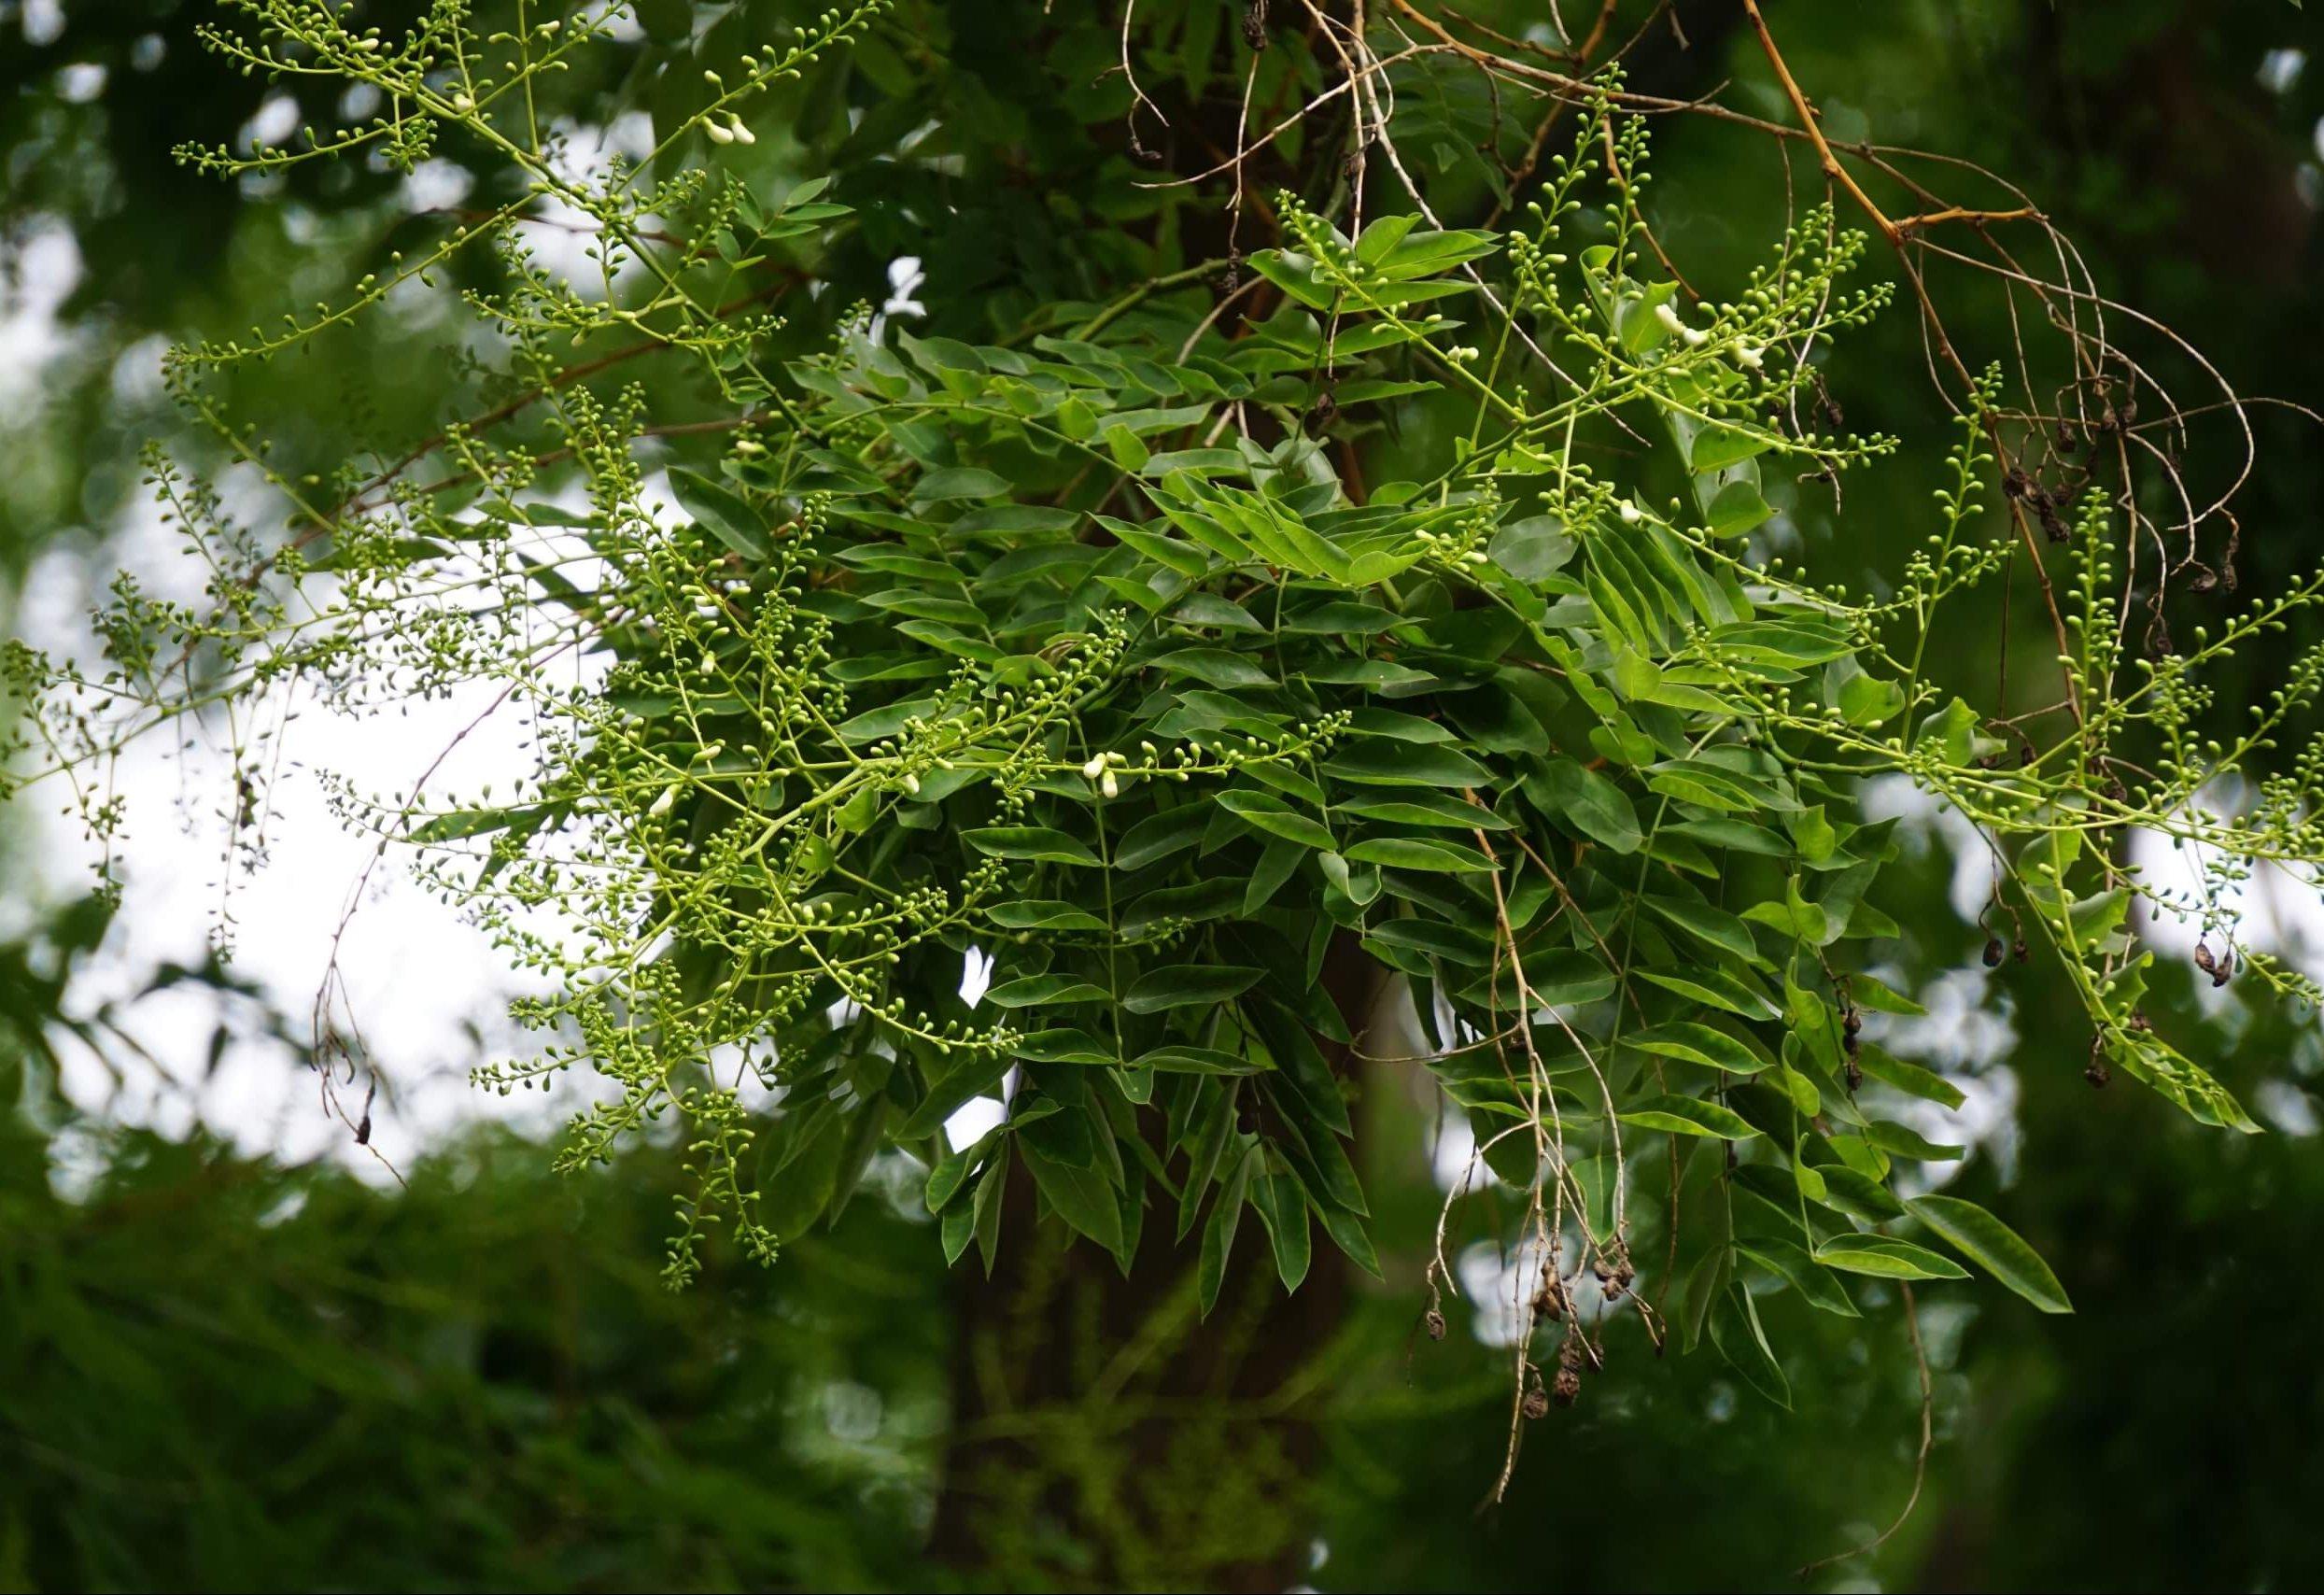 Das Bild zeigt die großen Blütenrispen des Schnurbaumes hier noch mit größtenteils geschlossenen Blüten. Der Baum steht am Luisenhain in Alt-Köpenick.